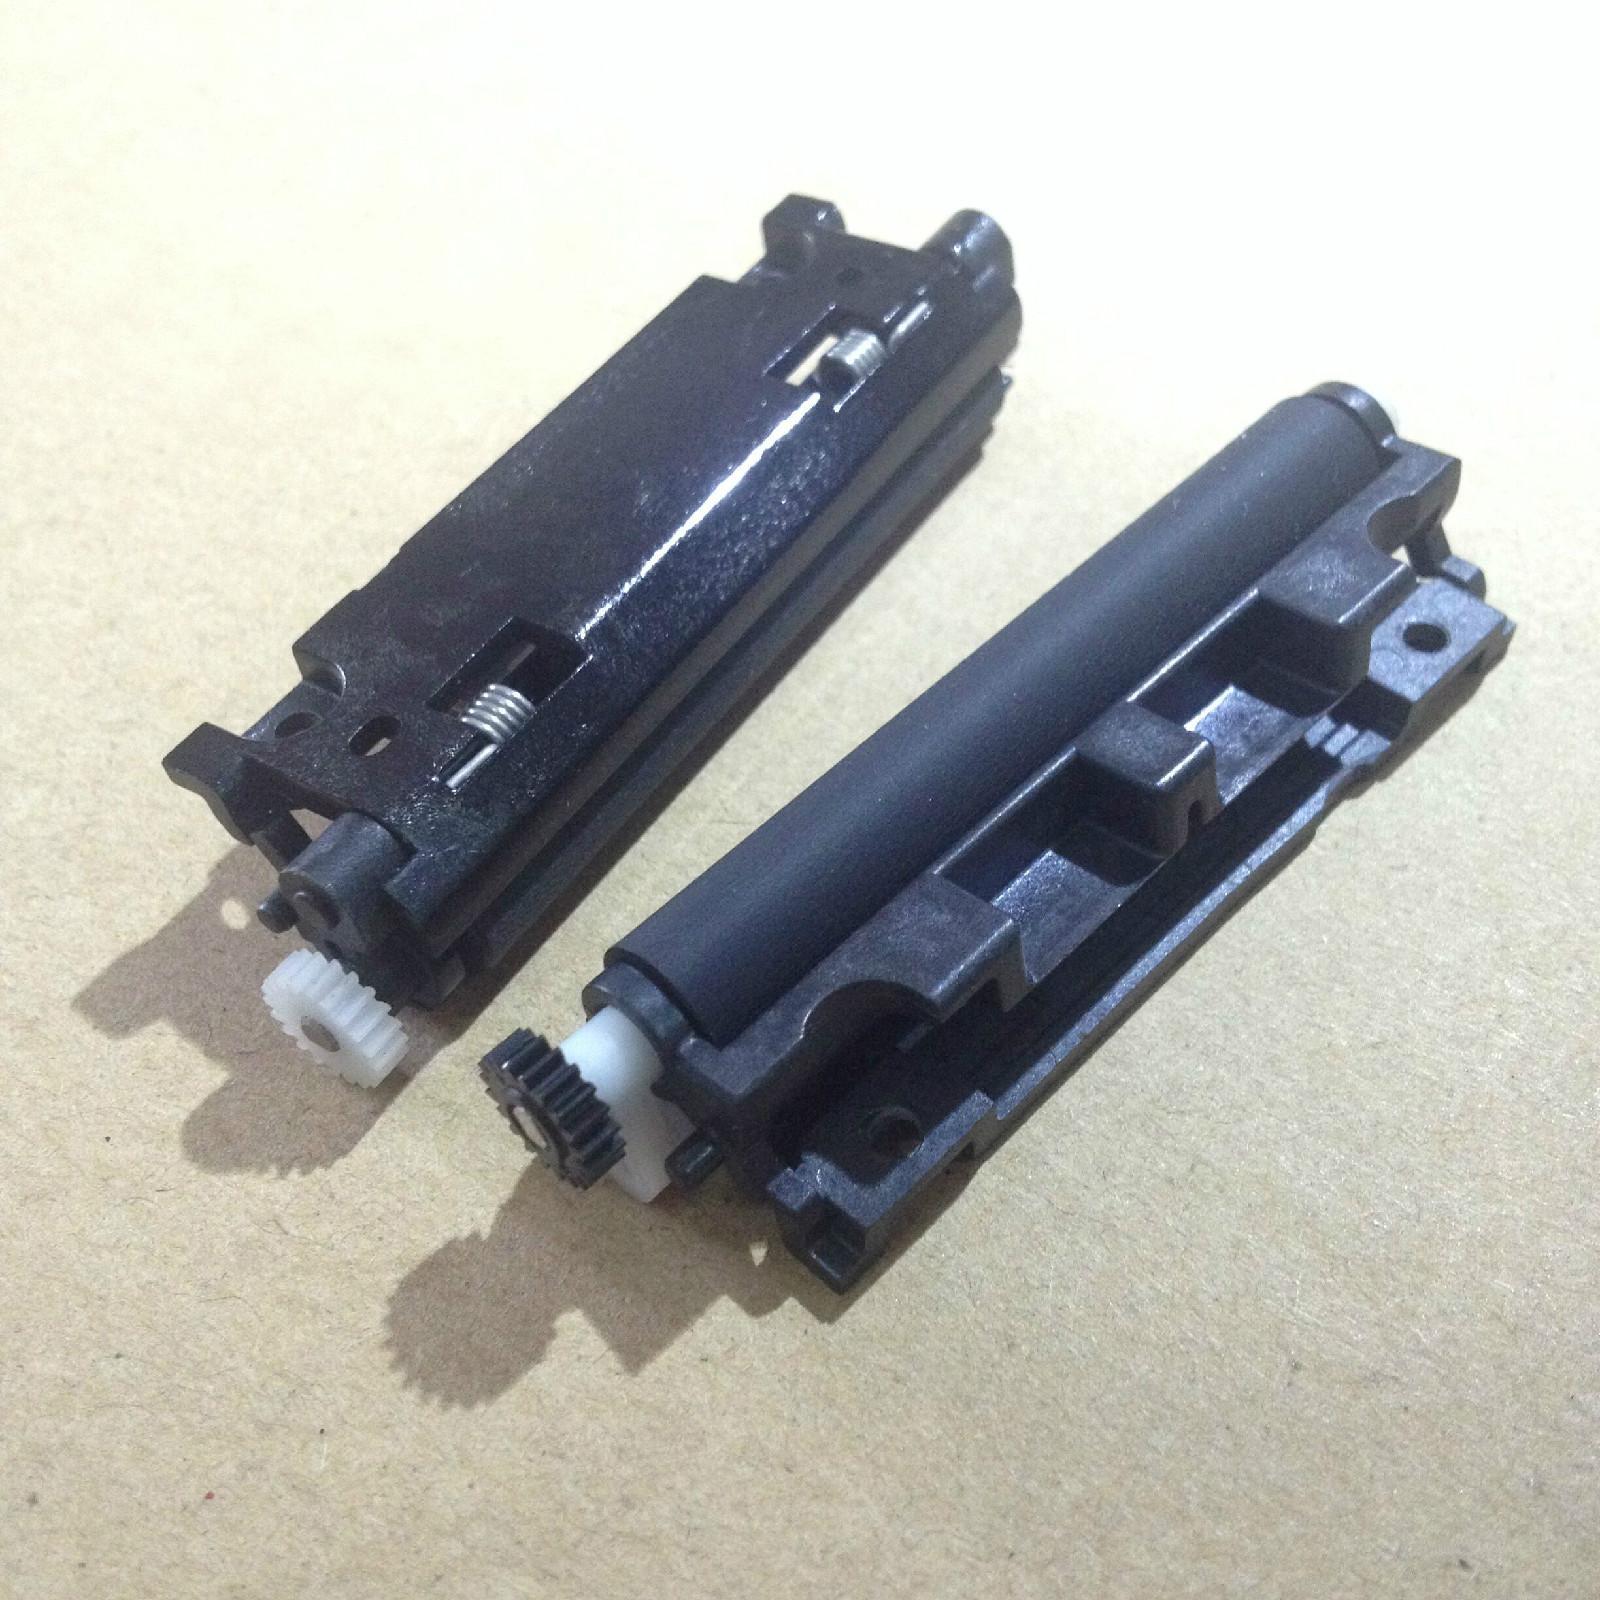 Rodillo de papel del eje de la impresión LTP J245 Rodillo de goma de la prensa de papel de la impresora Para la impresora de Seiko